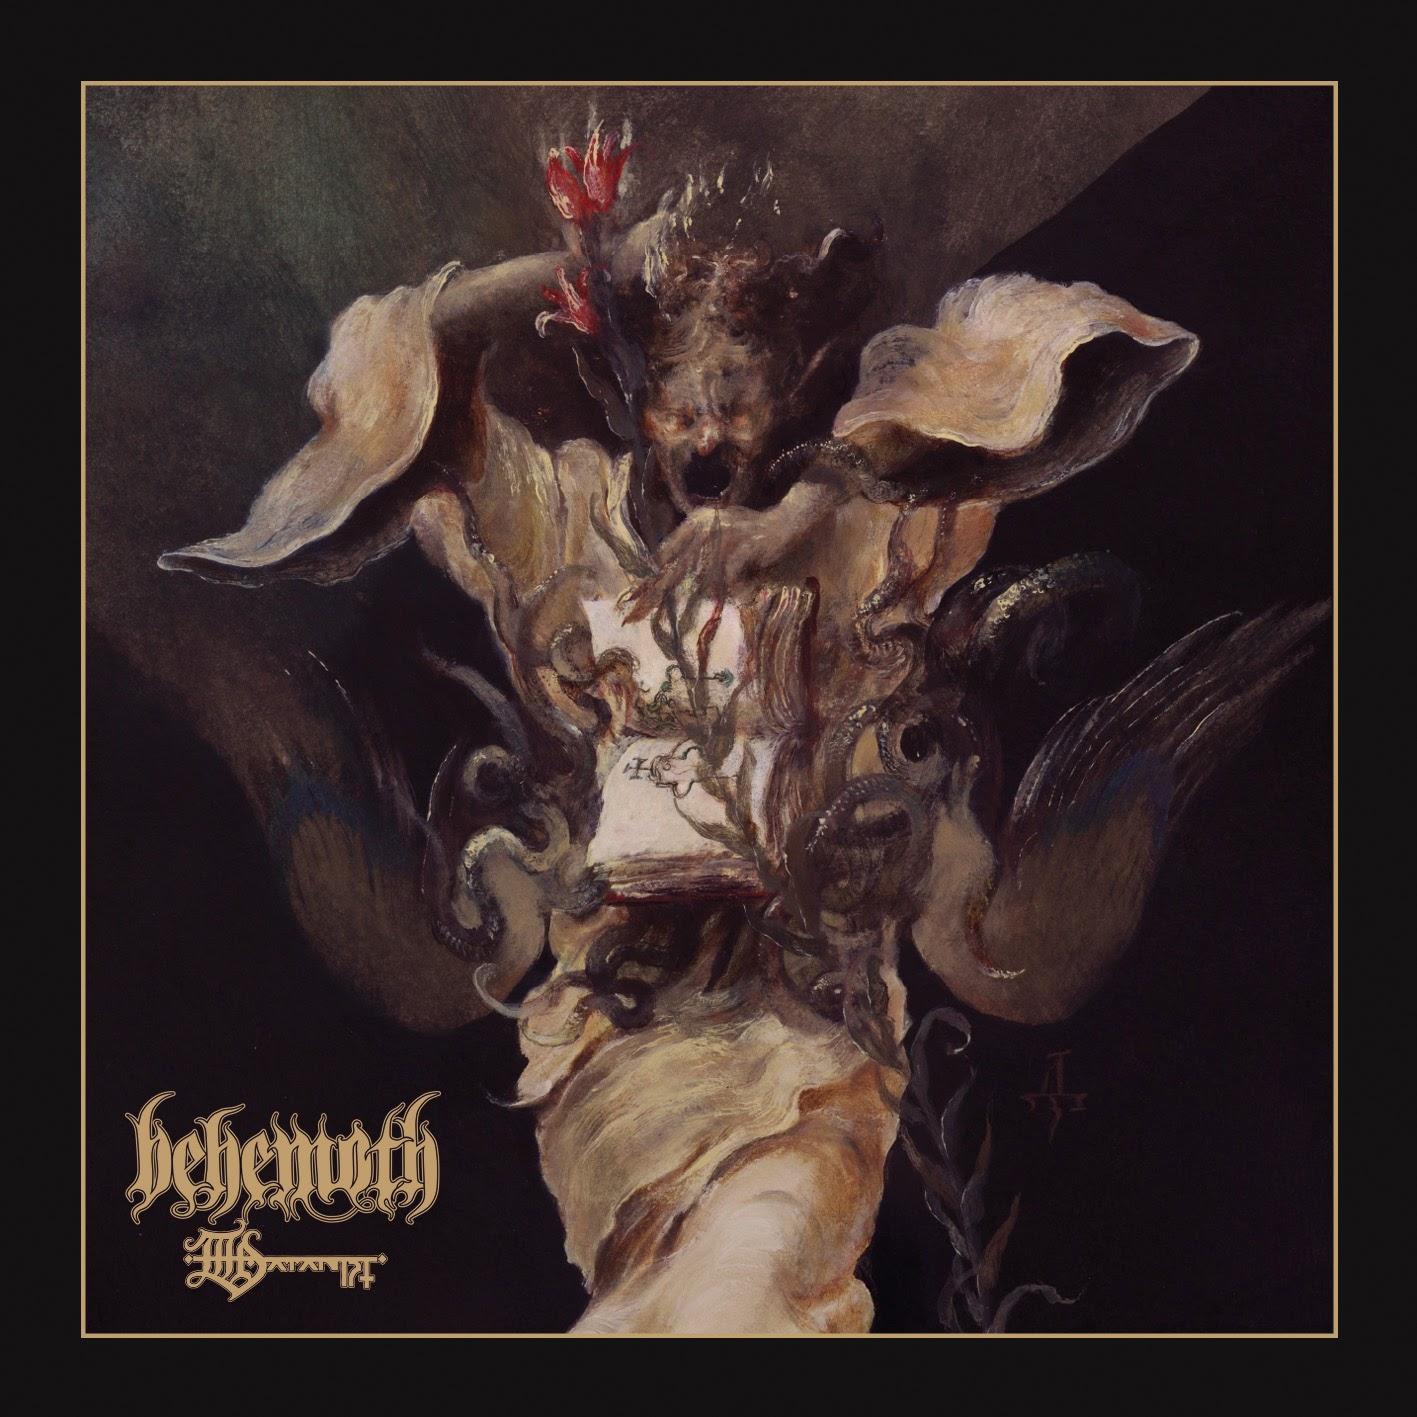 Arte de The Satanist el nuevo álbum de Behemoth